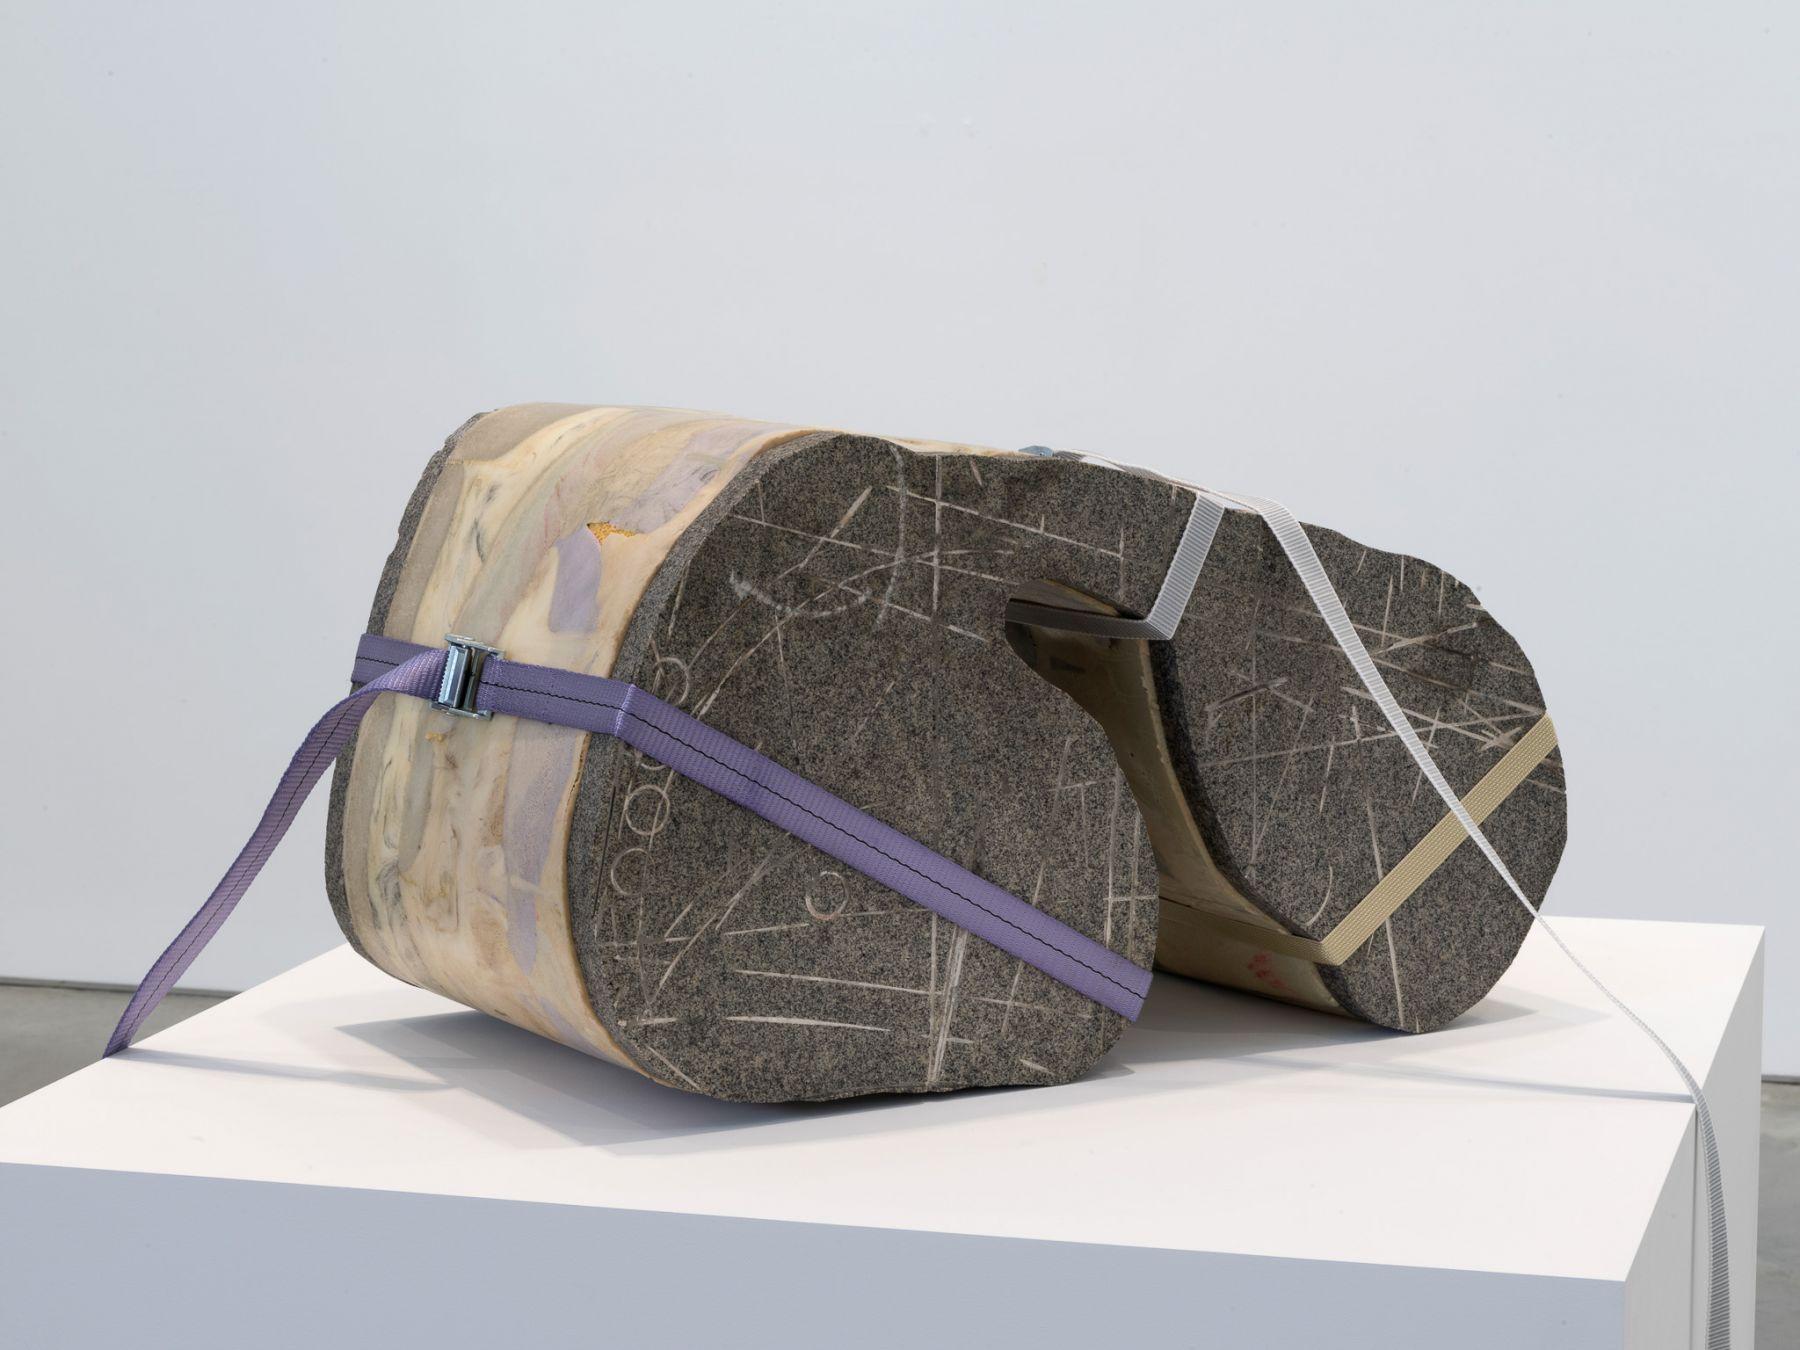 Marina Pinsky, Trigger Trace 1, 2018